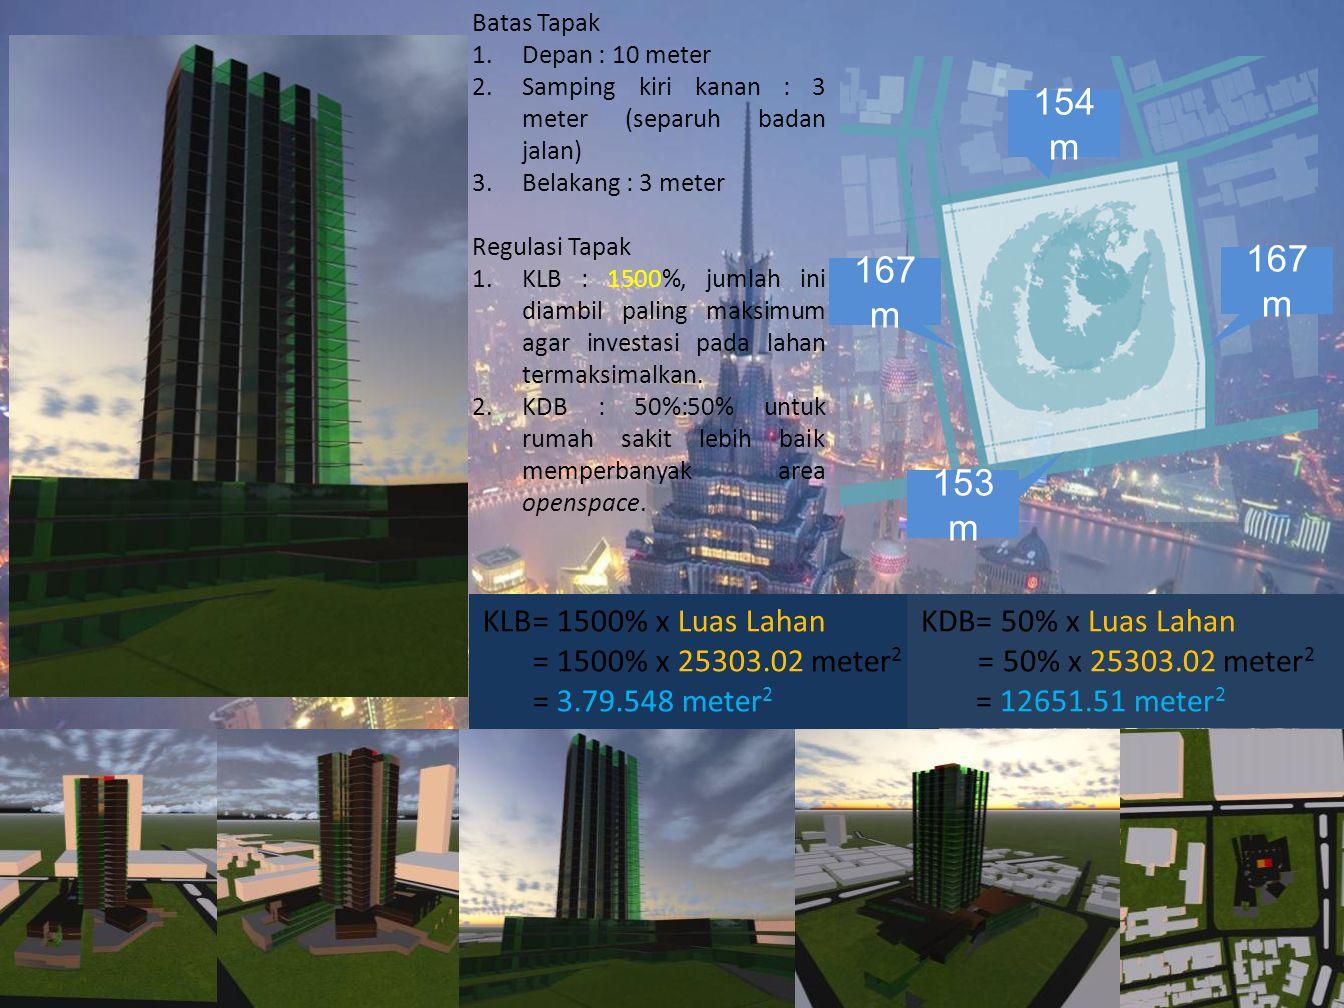 154 m 167m 153m KLB = 1500% x Luas Lahan = 1500% x 25303.02 meter2